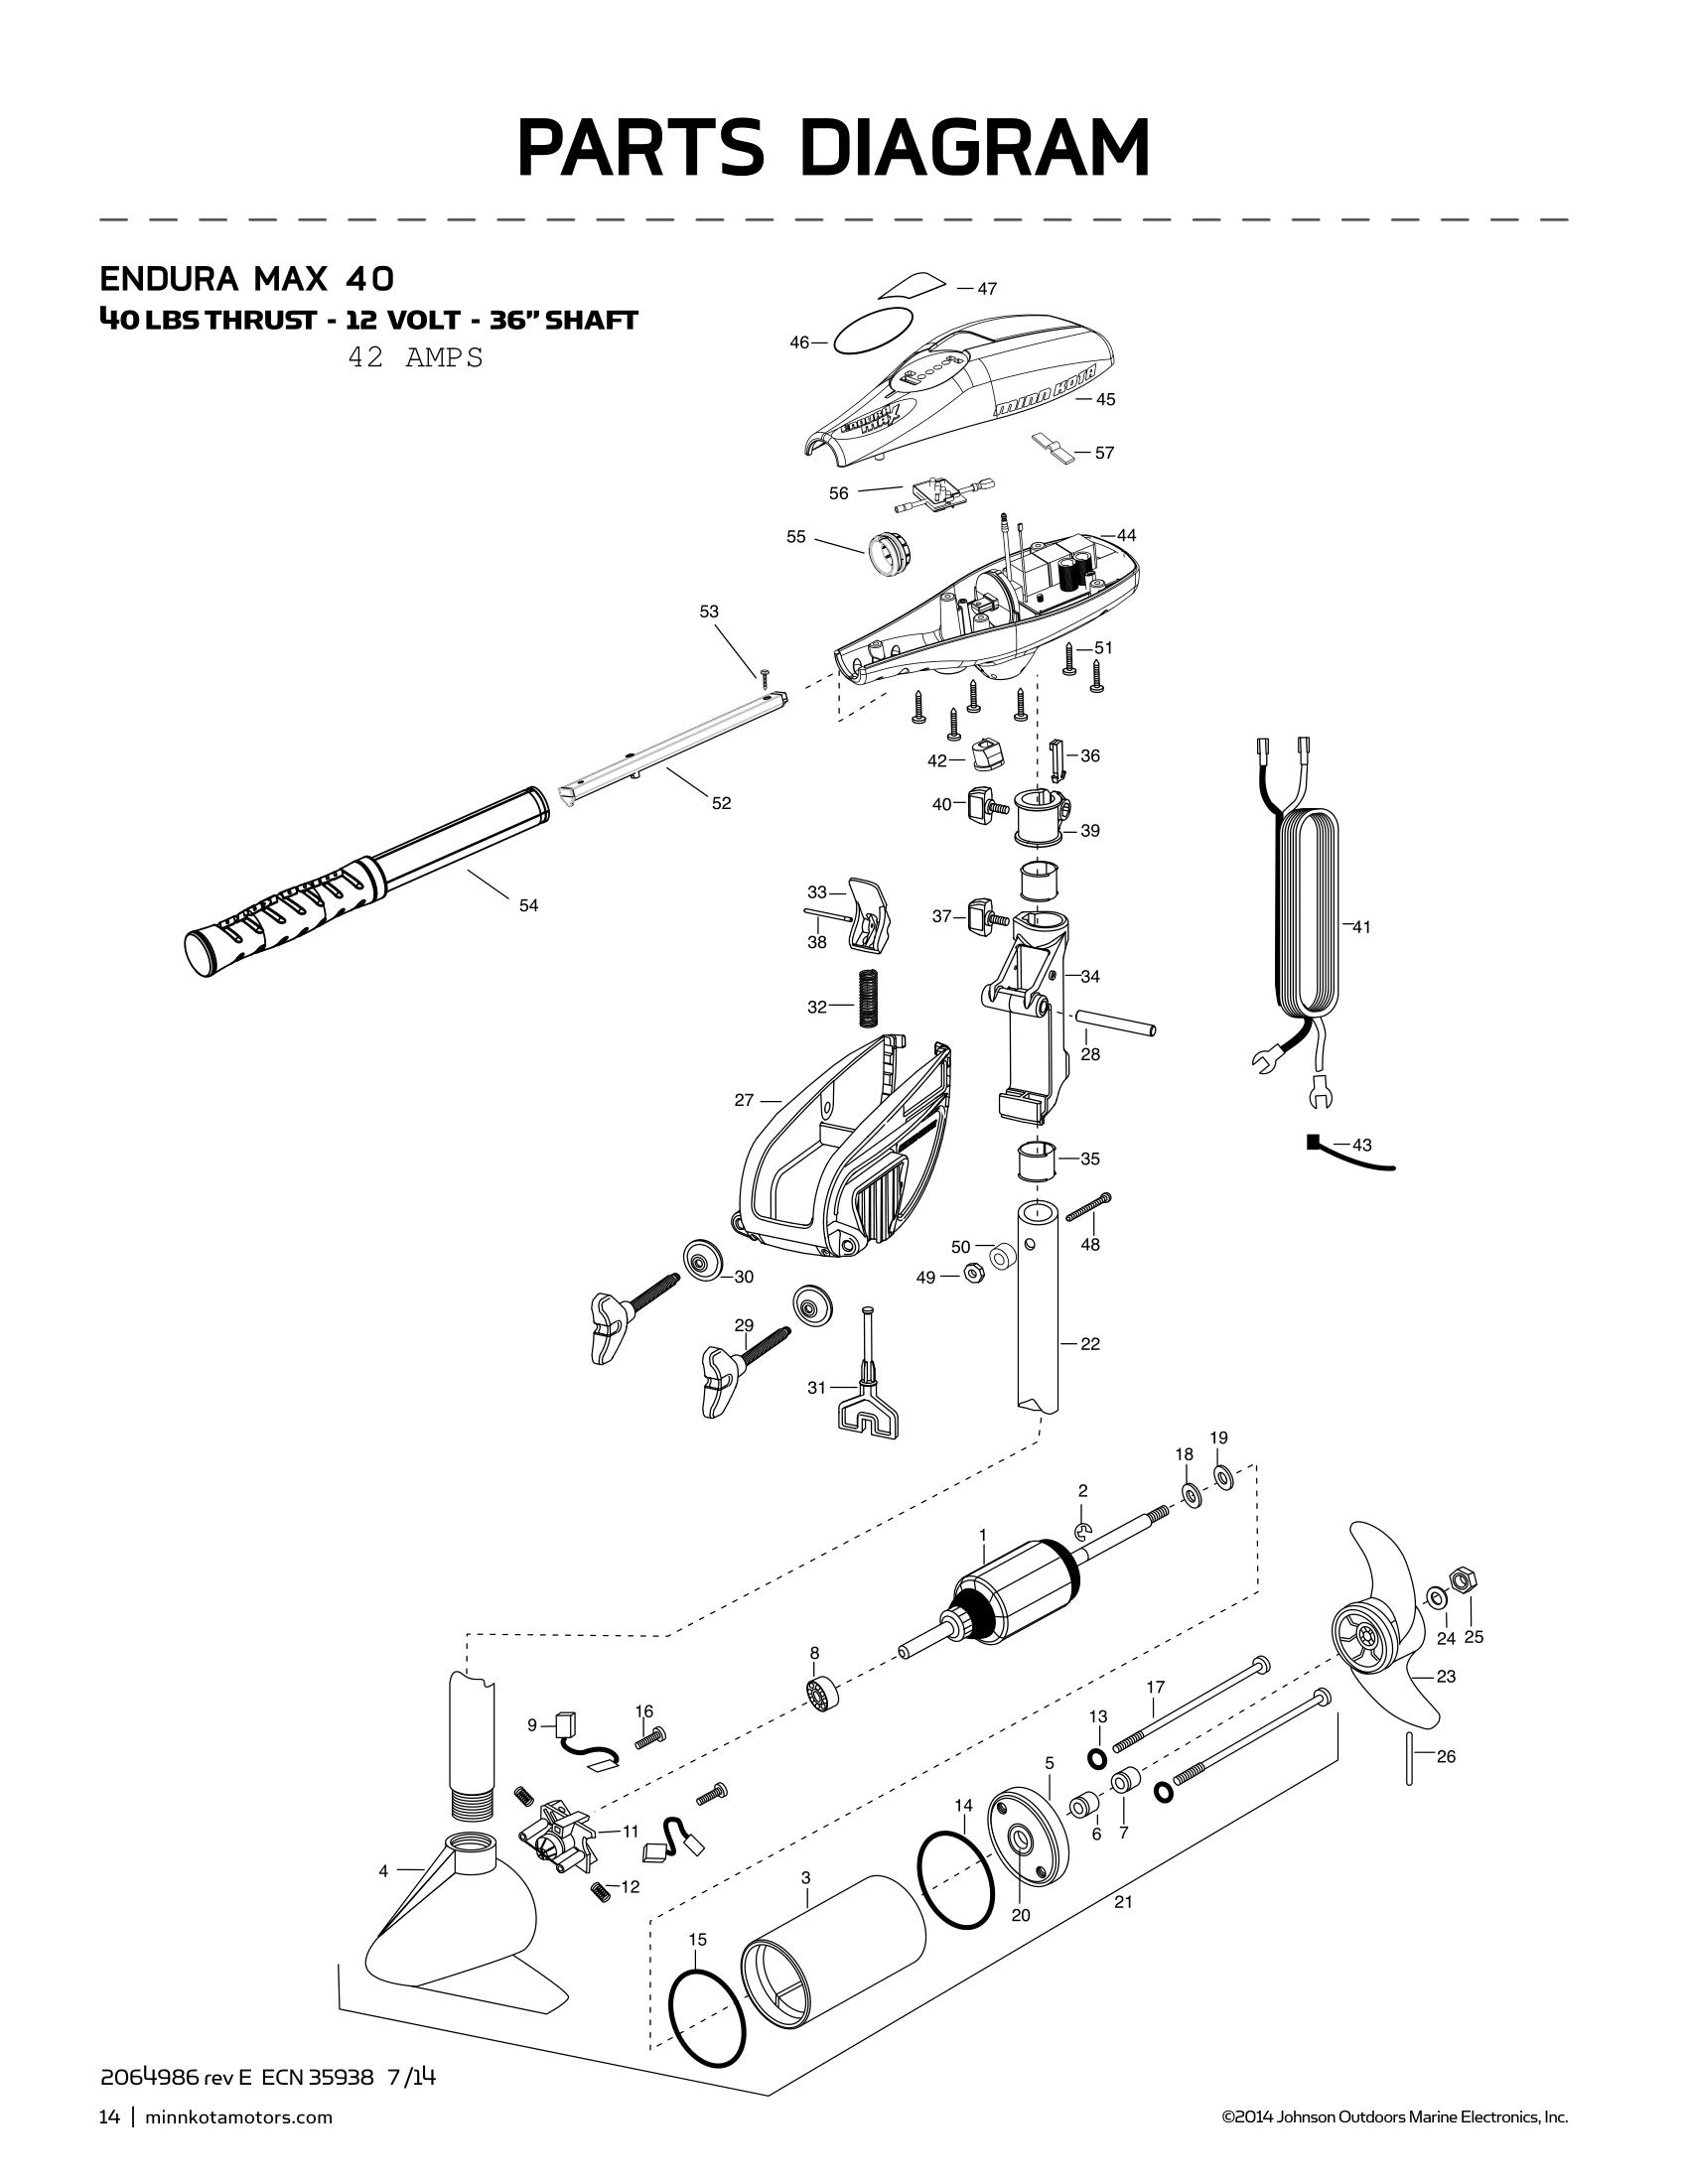 2015-mk-enduramax40-1.png